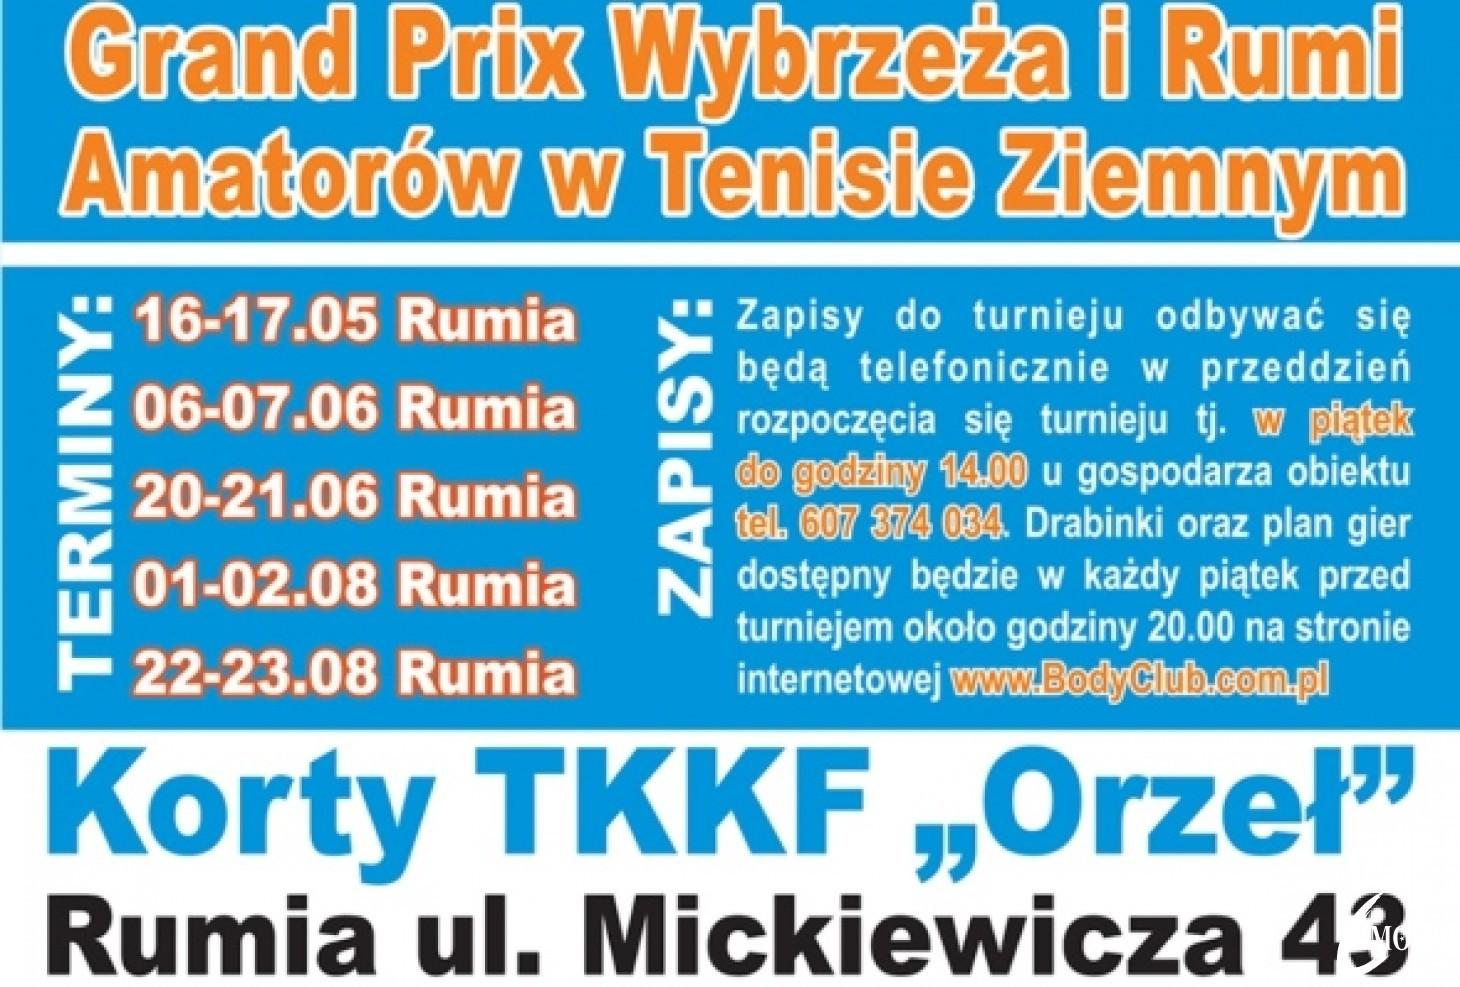 Grand Prix Wybrzeża i Rumi Amatorów w Tenisie Ziemnym